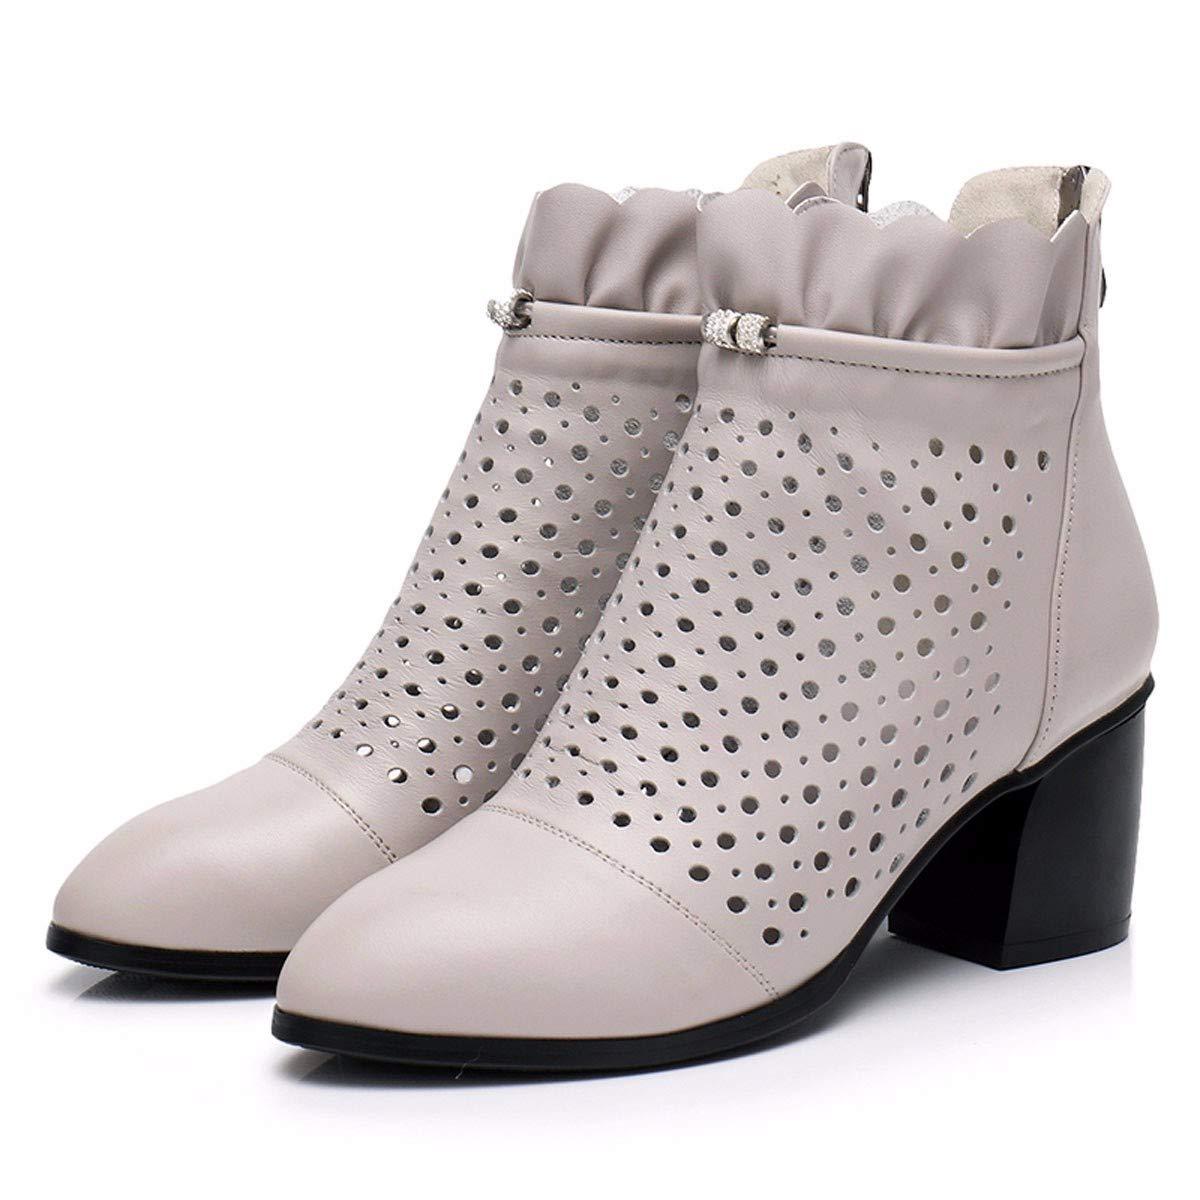 KPHY Damenschuhe Loch Im Sommer Schuhe Leder Stiefel Ausgehöhlten Stiefeln Dicken Betuchte Stiefel Leder High Heels Frühling und Herbst Stiefel Atmungsaktive Schuhe S.Grau ca5ae2